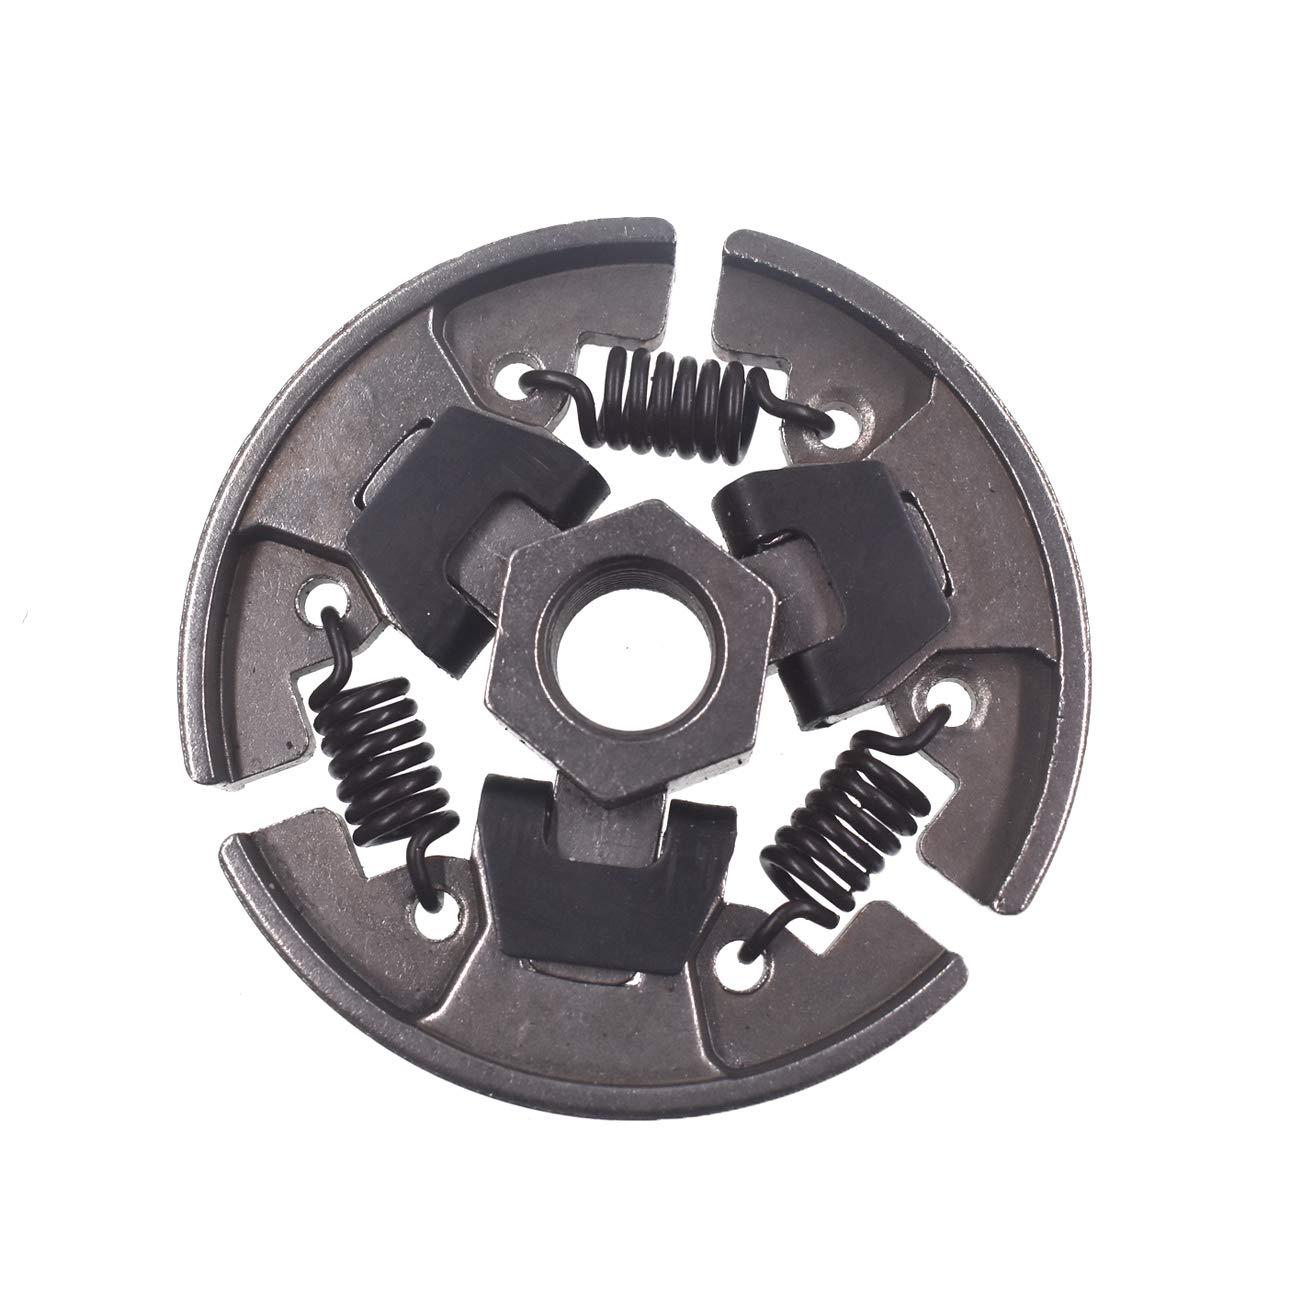 Embrague centrífugo y piñón de cadena 3/8-7, corona de agujas para motosierra Stihl 017 018 021 025 MS170 MS180 MS210: Amazon.es: Coche y moto